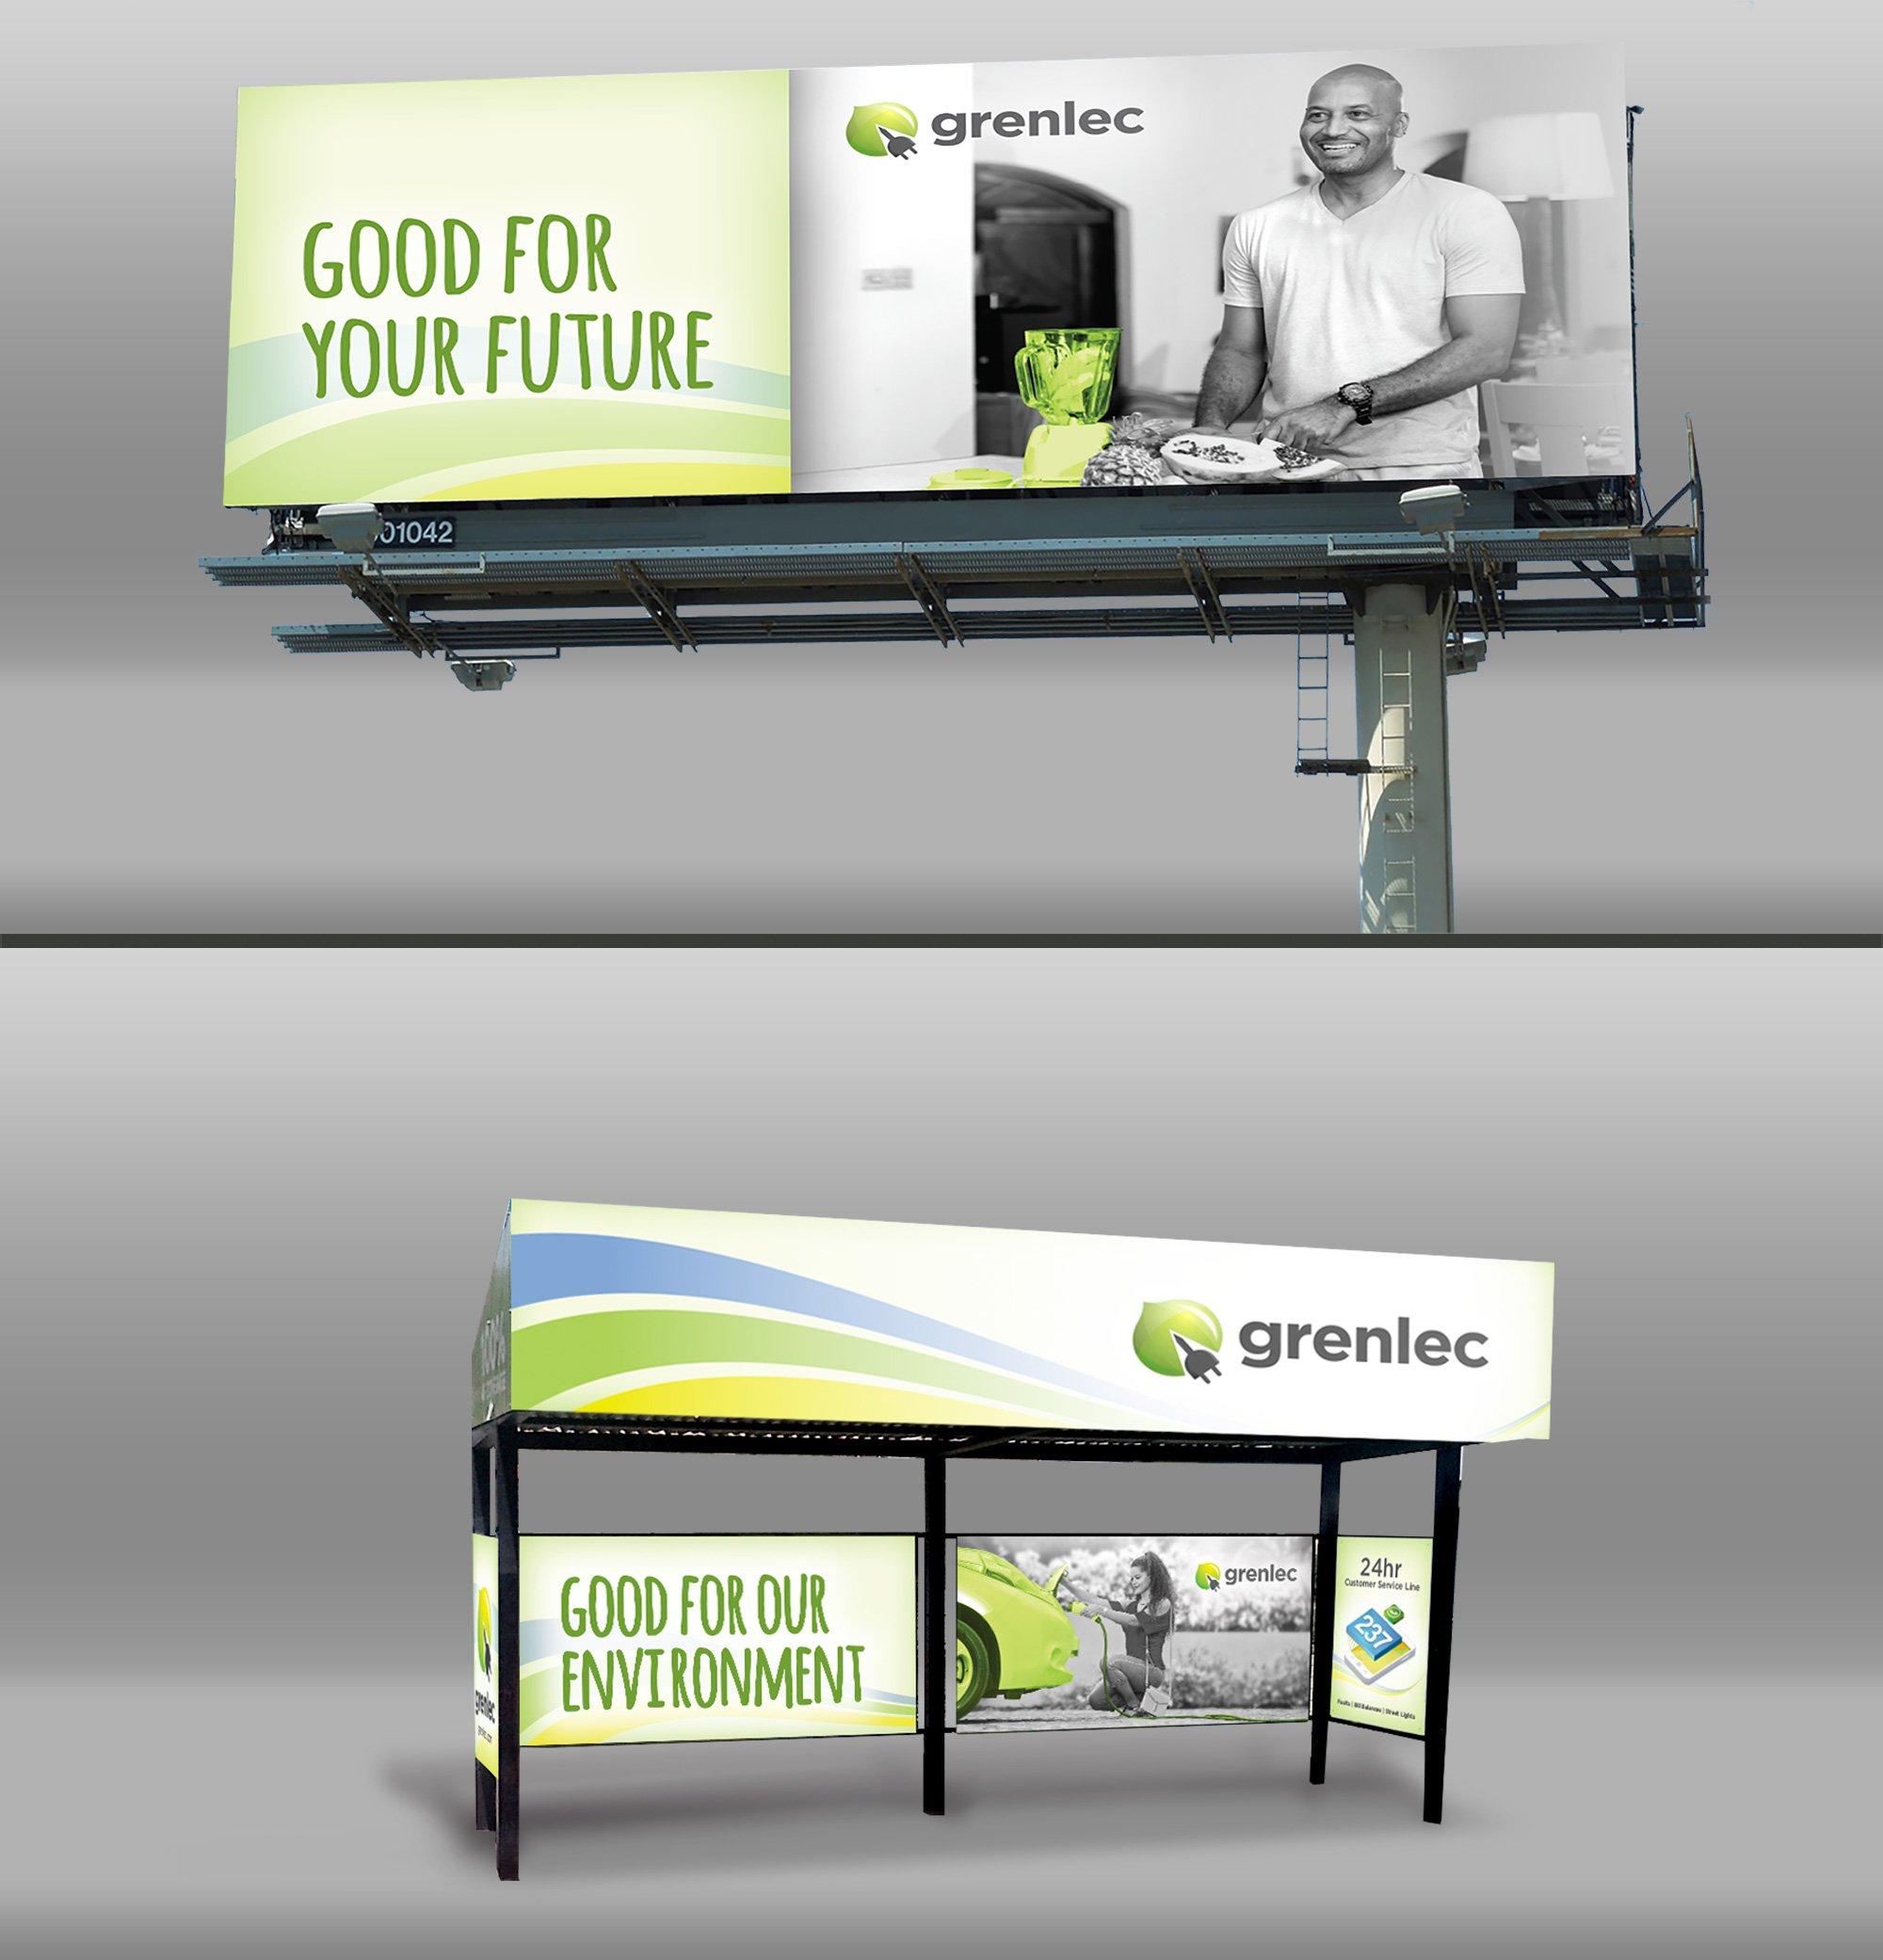 Grenlec Outdoor Advertising